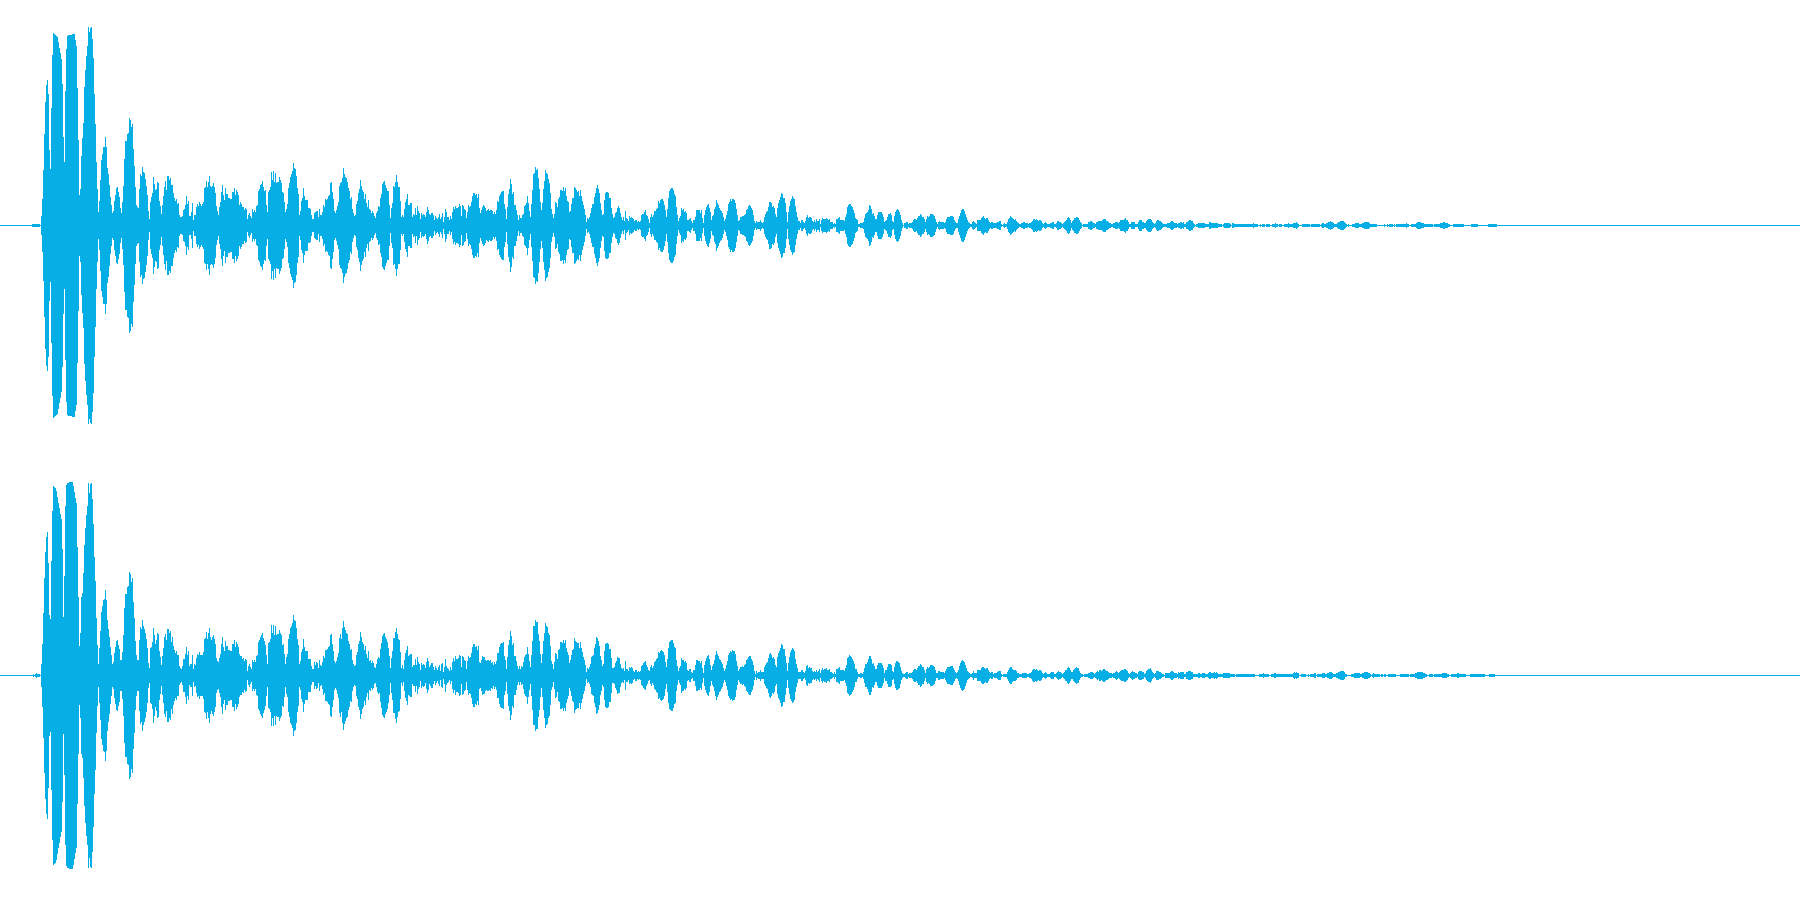 ドン(低いドラムの音)の再生済みの波形